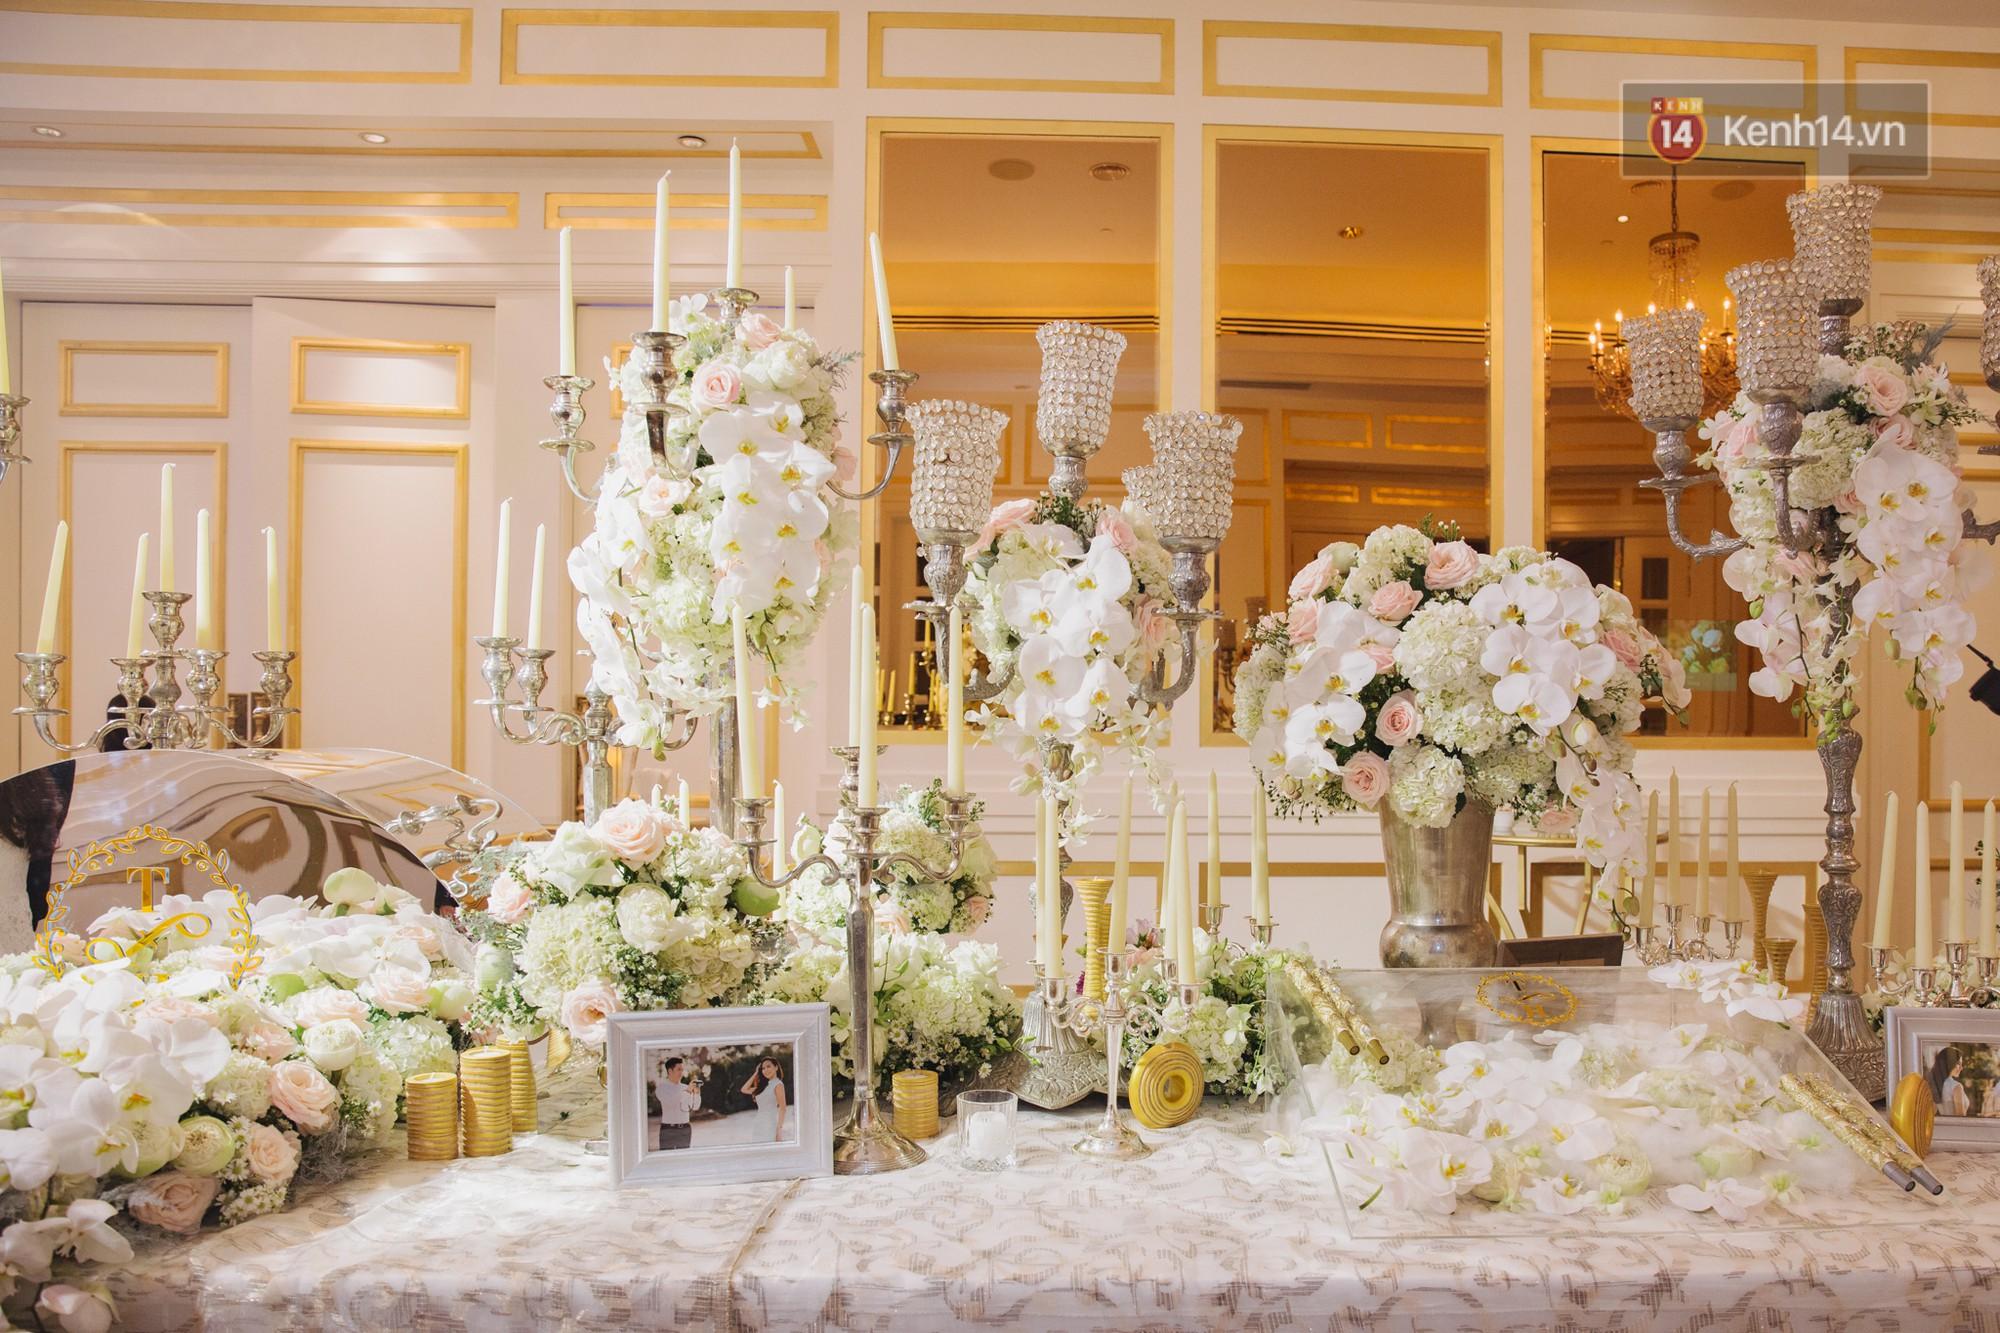 Dù rất hồi hộp, Lê Hiếu vẫn kịp nhắn đến bà xã lời hứa ngọt ngào trong đám cưới-6